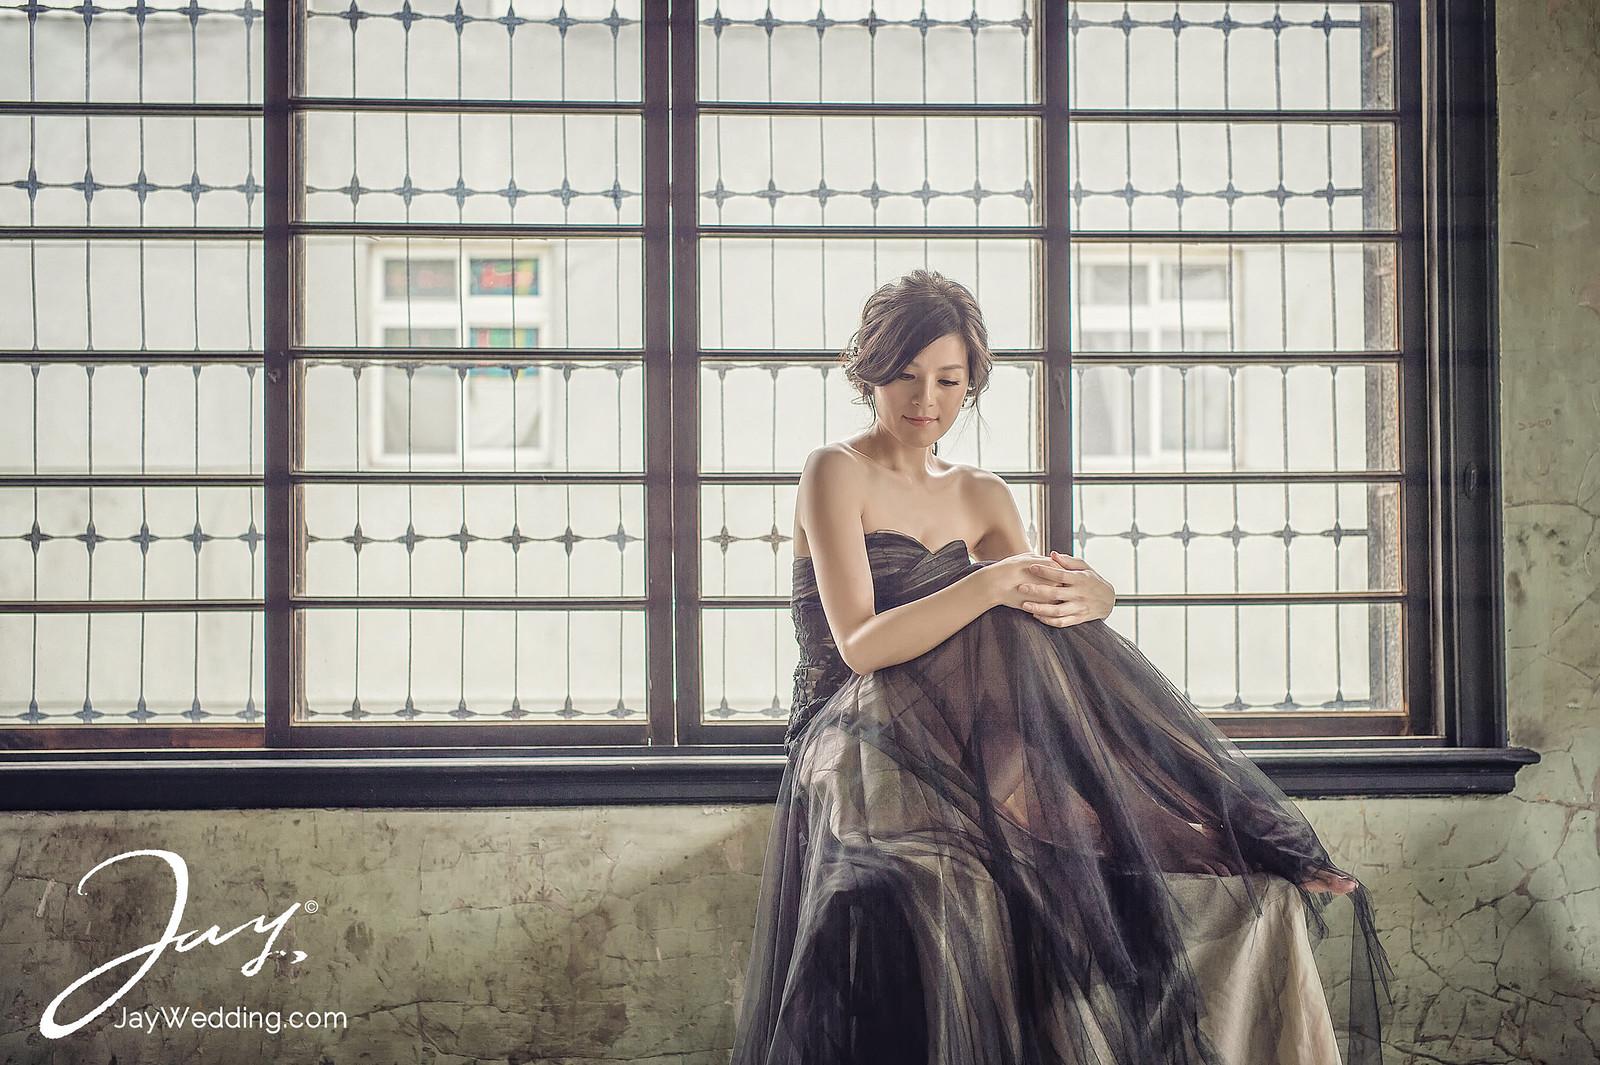 婚紗,婚攝,京都,大阪,食尚曼谷,海外婚紗,自助婚紗,自主婚紗,婚攝A-Jay,婚攝阿杰,jay hsieh,JAY_3437